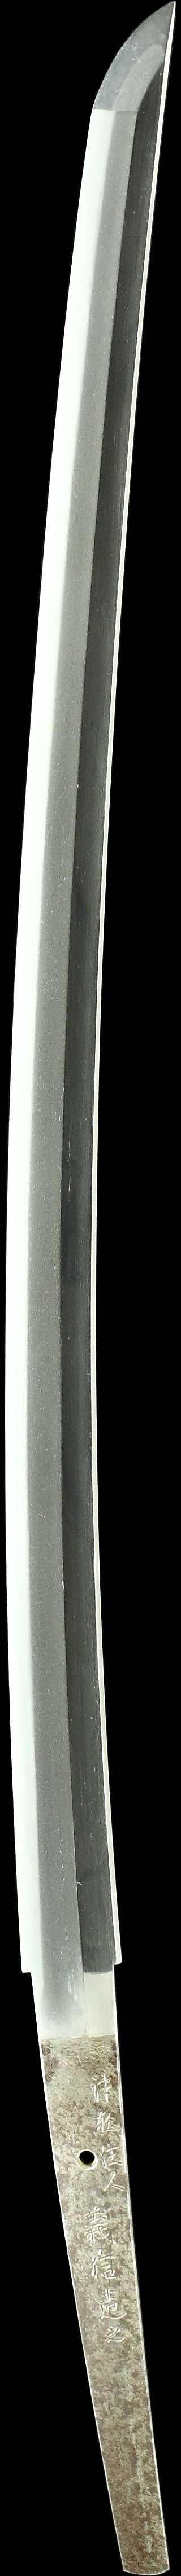 日本刀・二唐義信の刀身縦表全景